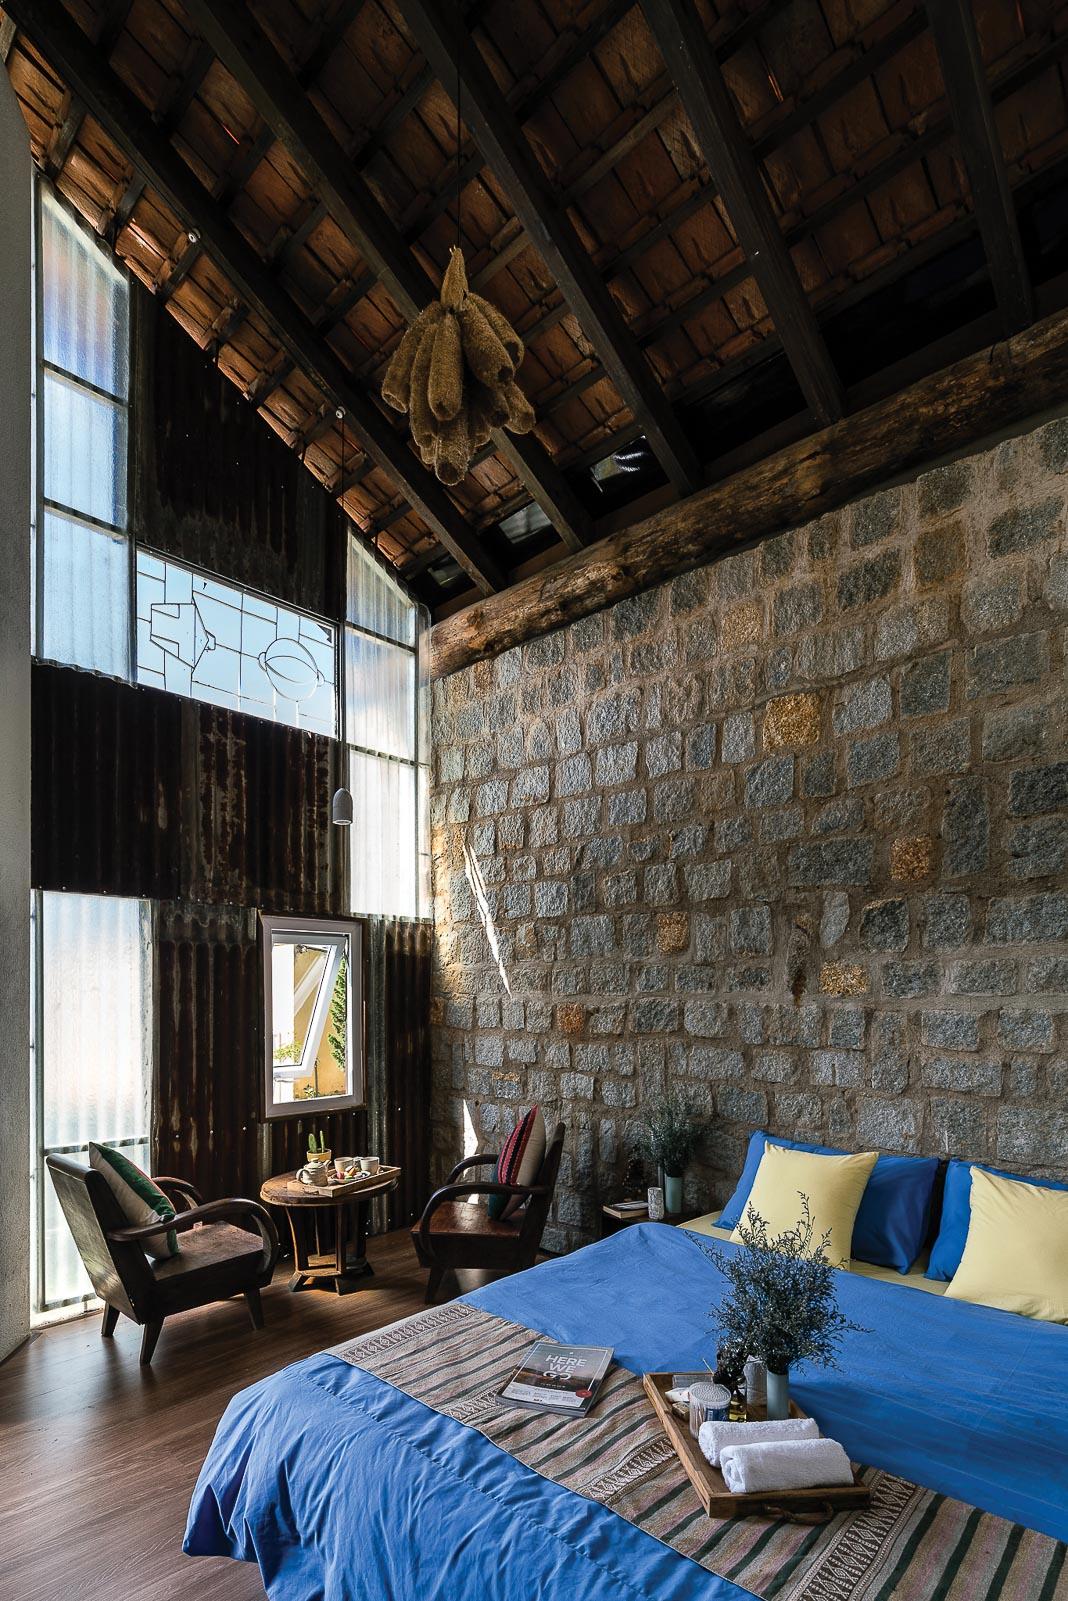 Các tiện ích trong phòng: chỗ ngủ, bếp nấu, góc thư giãn mở tầm nhìn ra khoảng sân, khối tắm tràn ngập ánh sáng 3